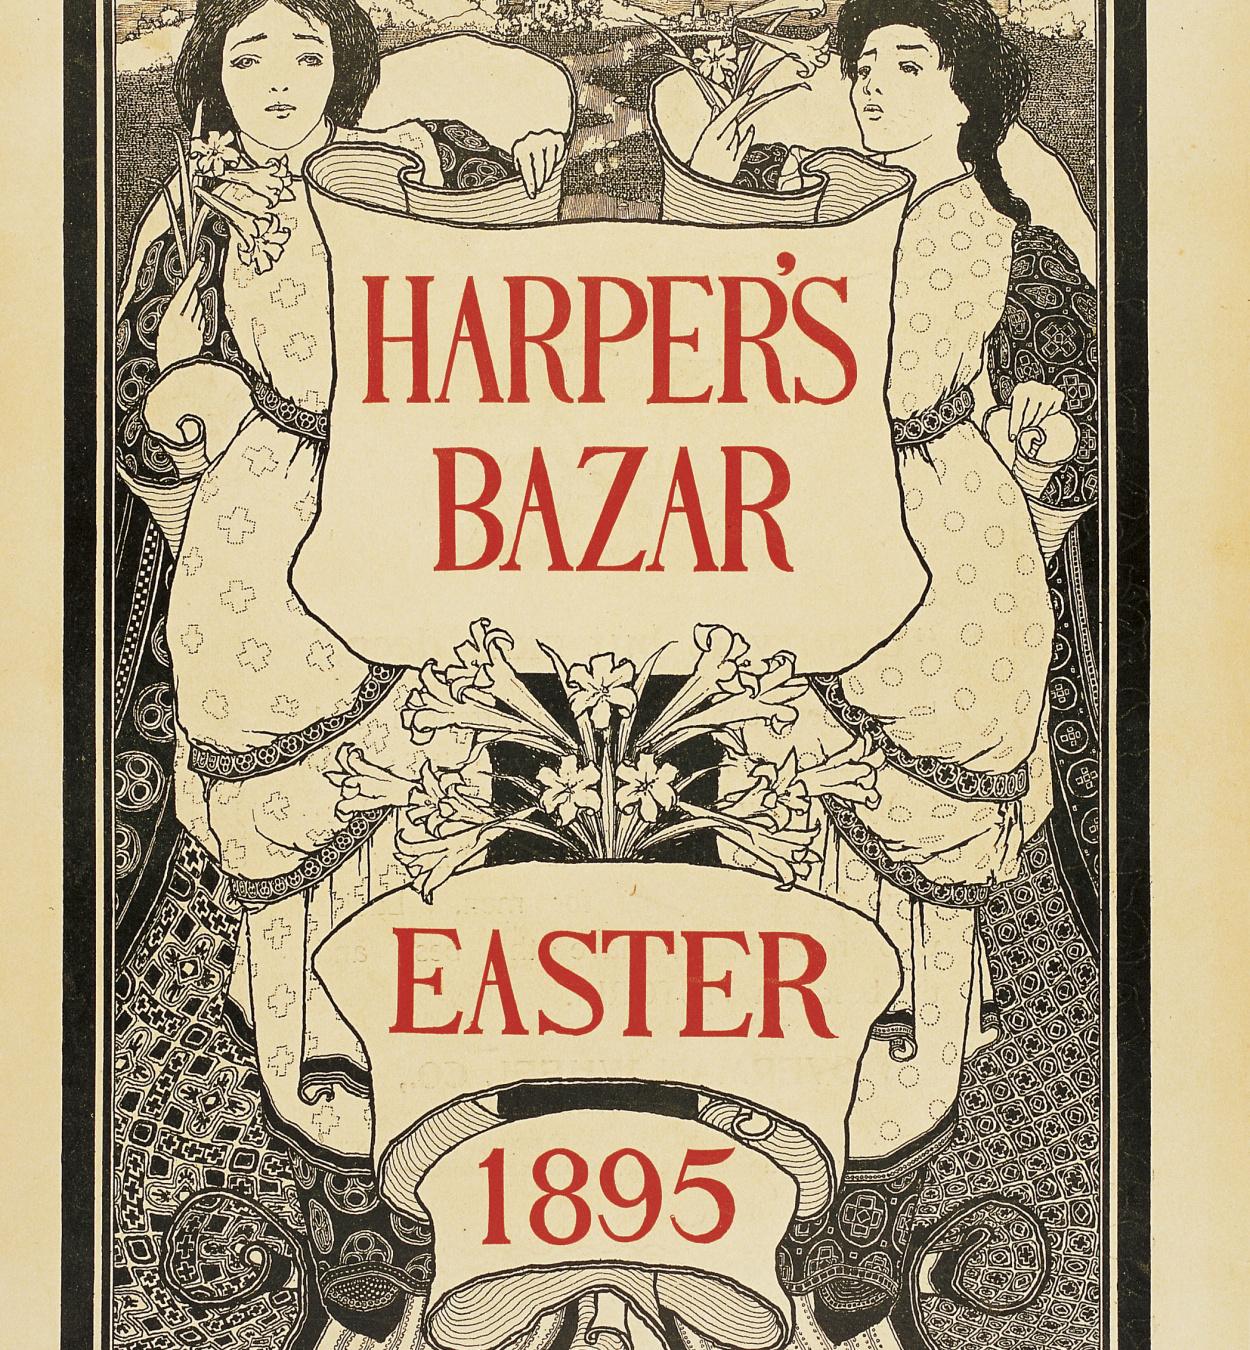 Maxfield Parrish - Harper's Bazar. Easter 1895 - 1895